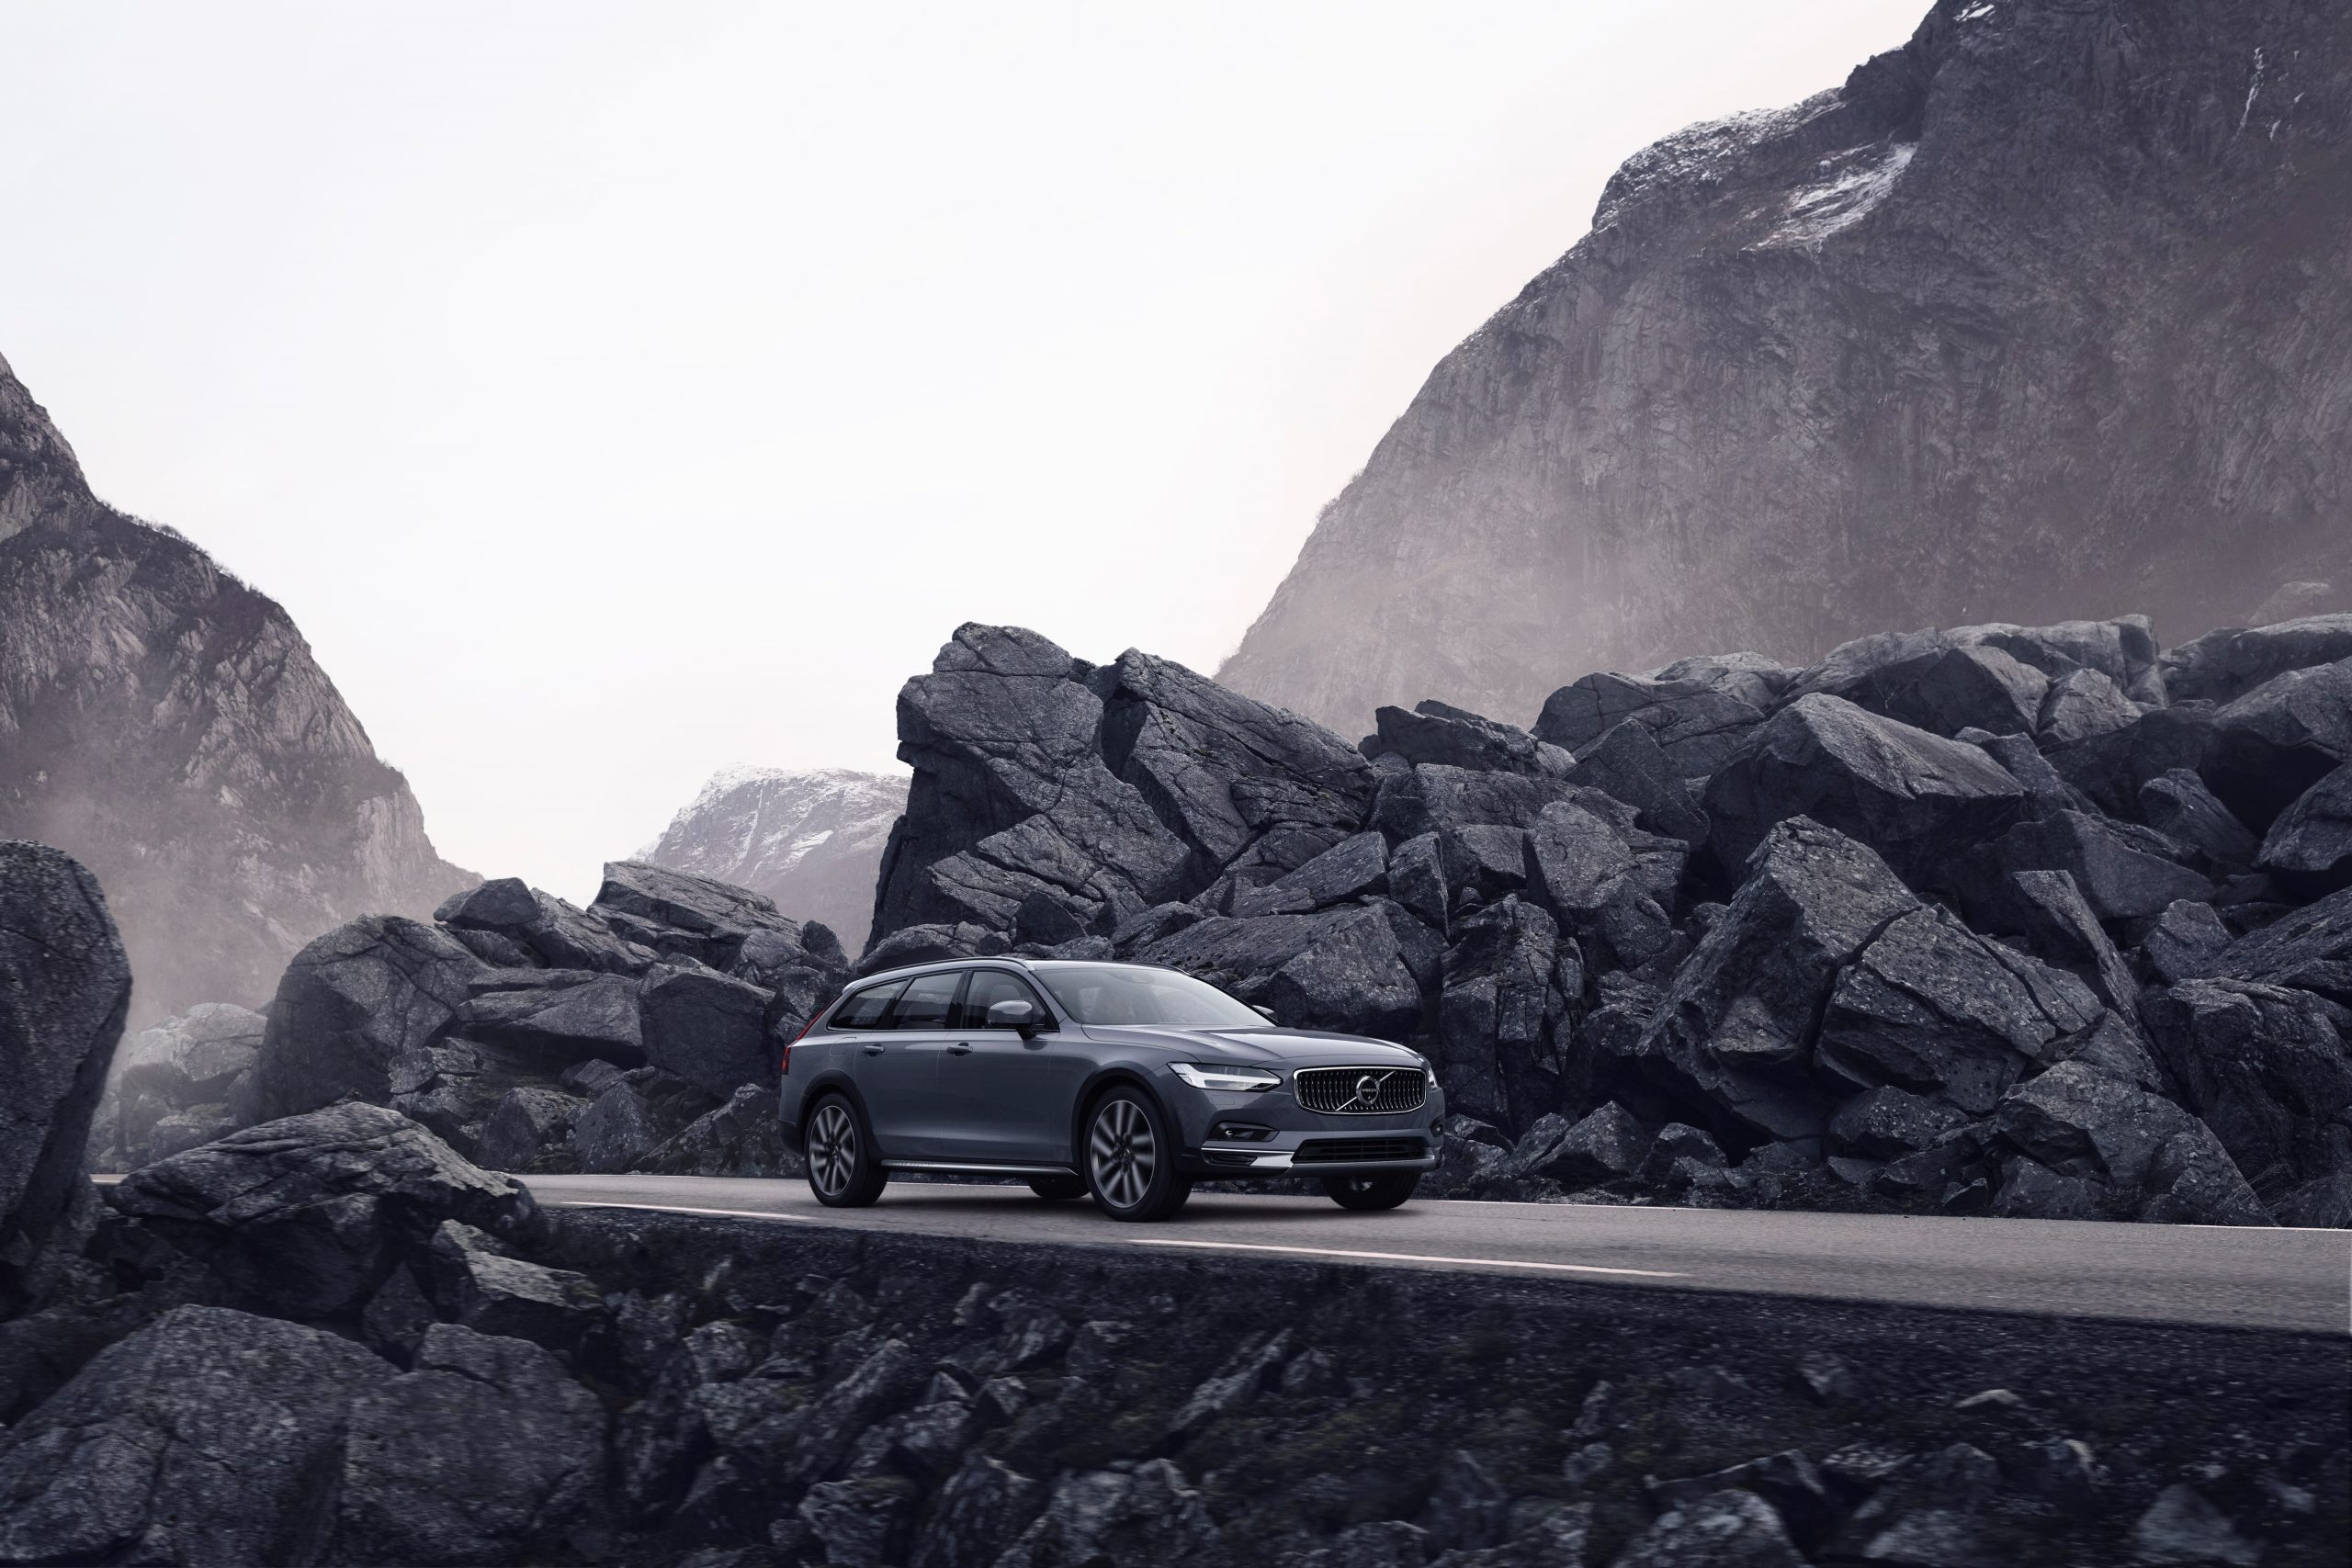 Volvo Cars lanceert vernieuwde S90- en V90-modellen en maakt mild-hybridemotoren beschikbaar voor het hele gamma